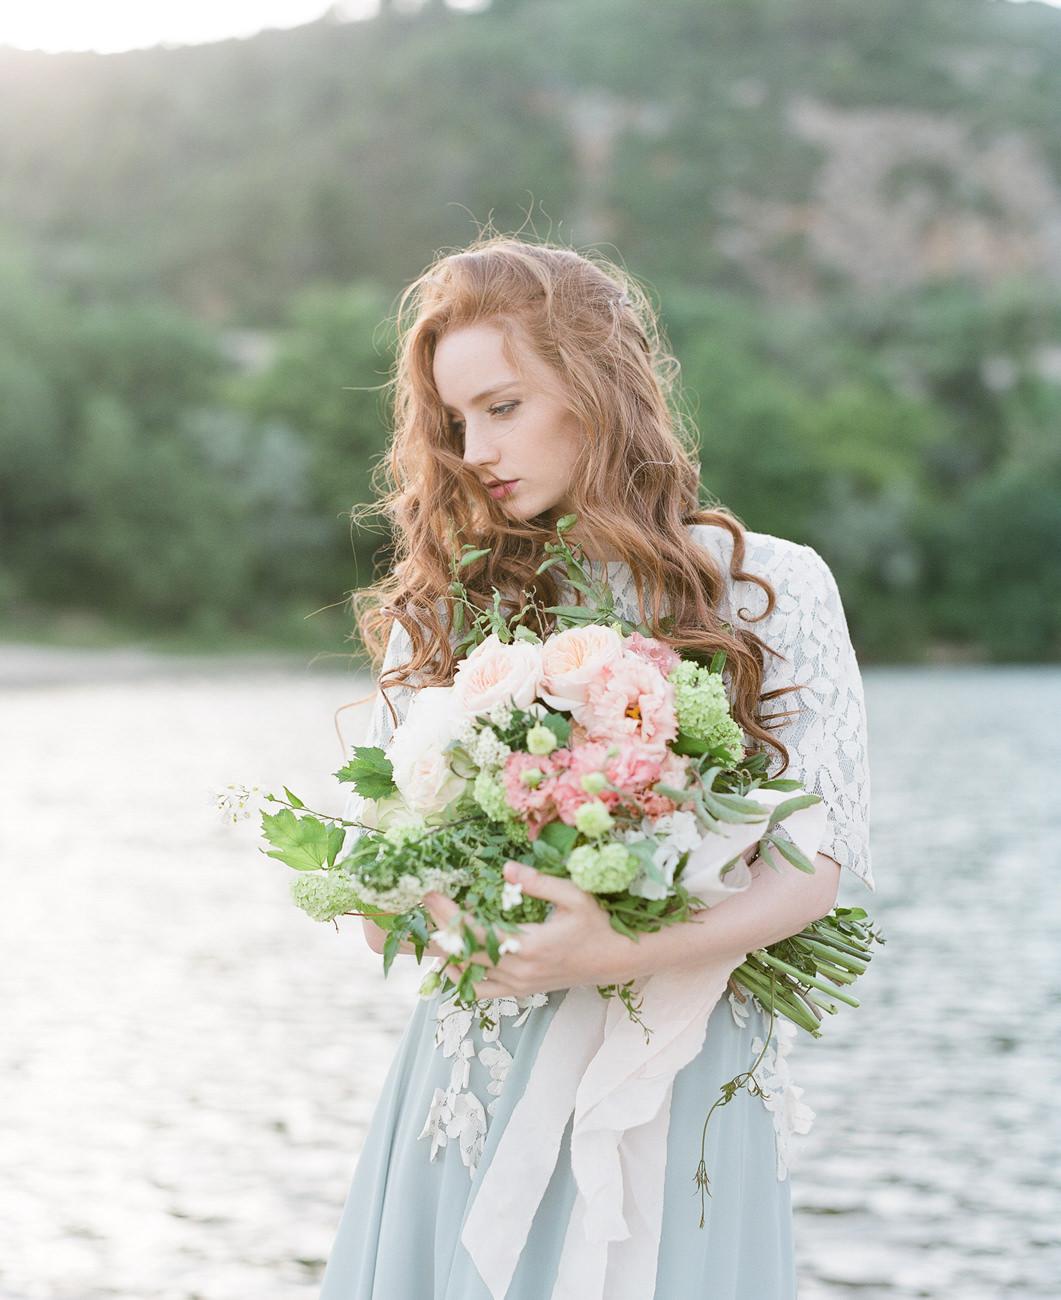 saint-guilhem-photographe-mariage-alain-m-15.jpg